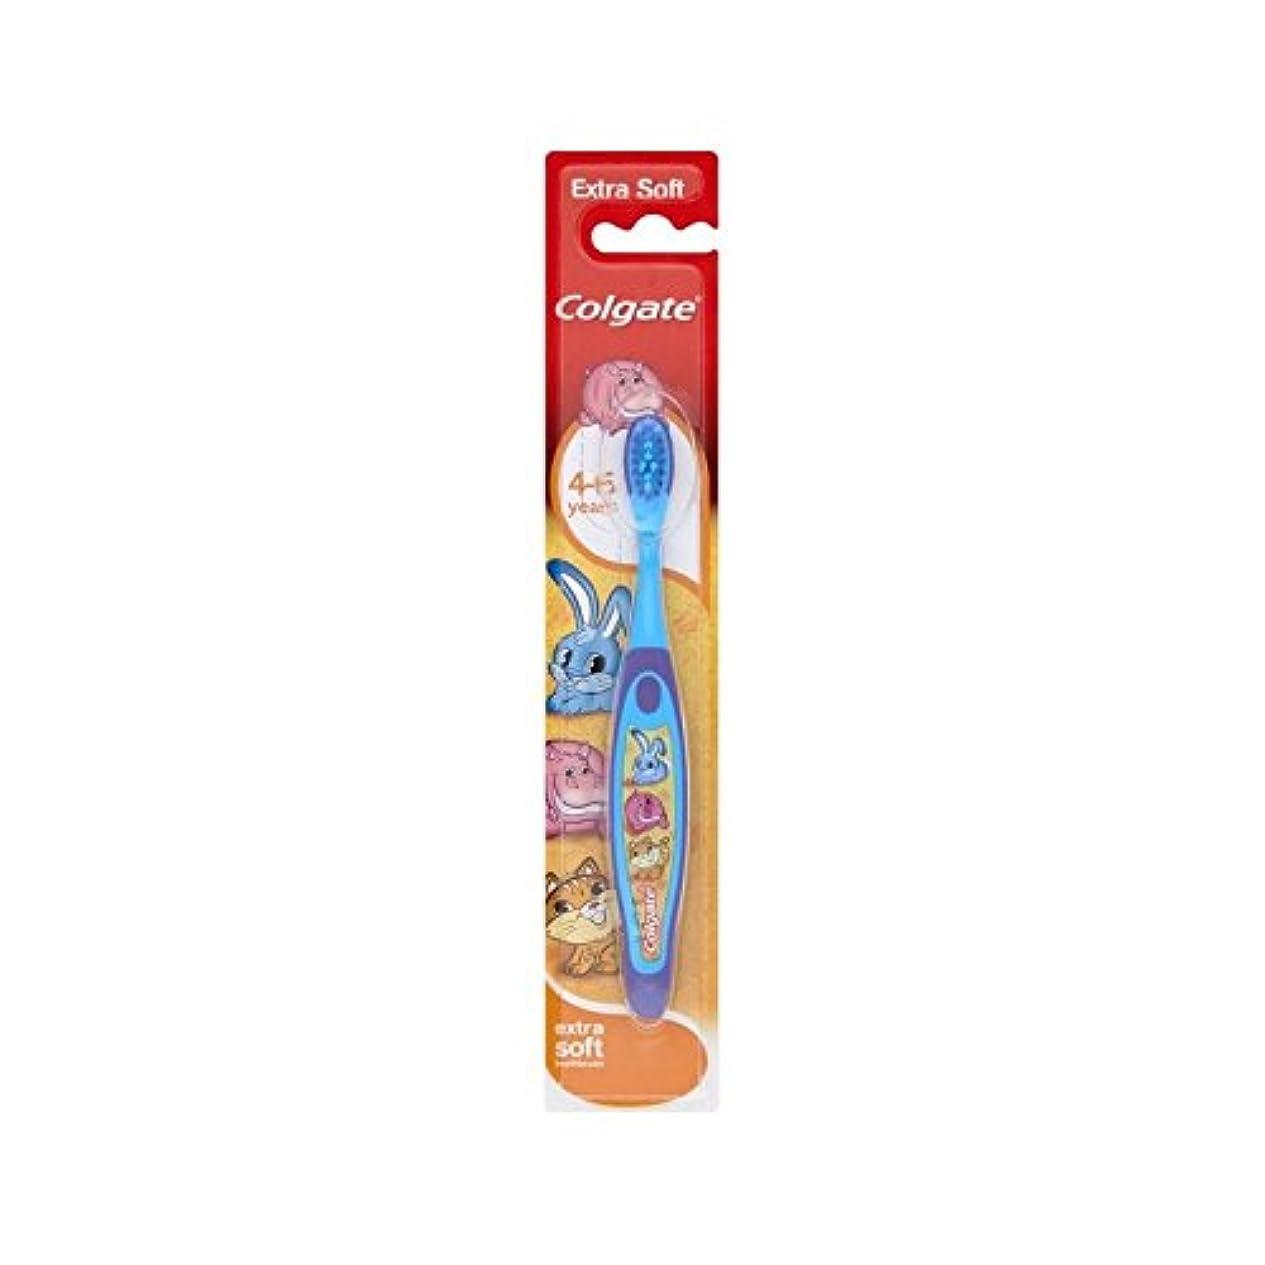 あご目に見える横4-6歳の歯ブラシを笑顔 (Colgate) (x 6) - Colgate Smiles 4-6 Years Old Toothbrush (Pack of 6) [並行輸入品]